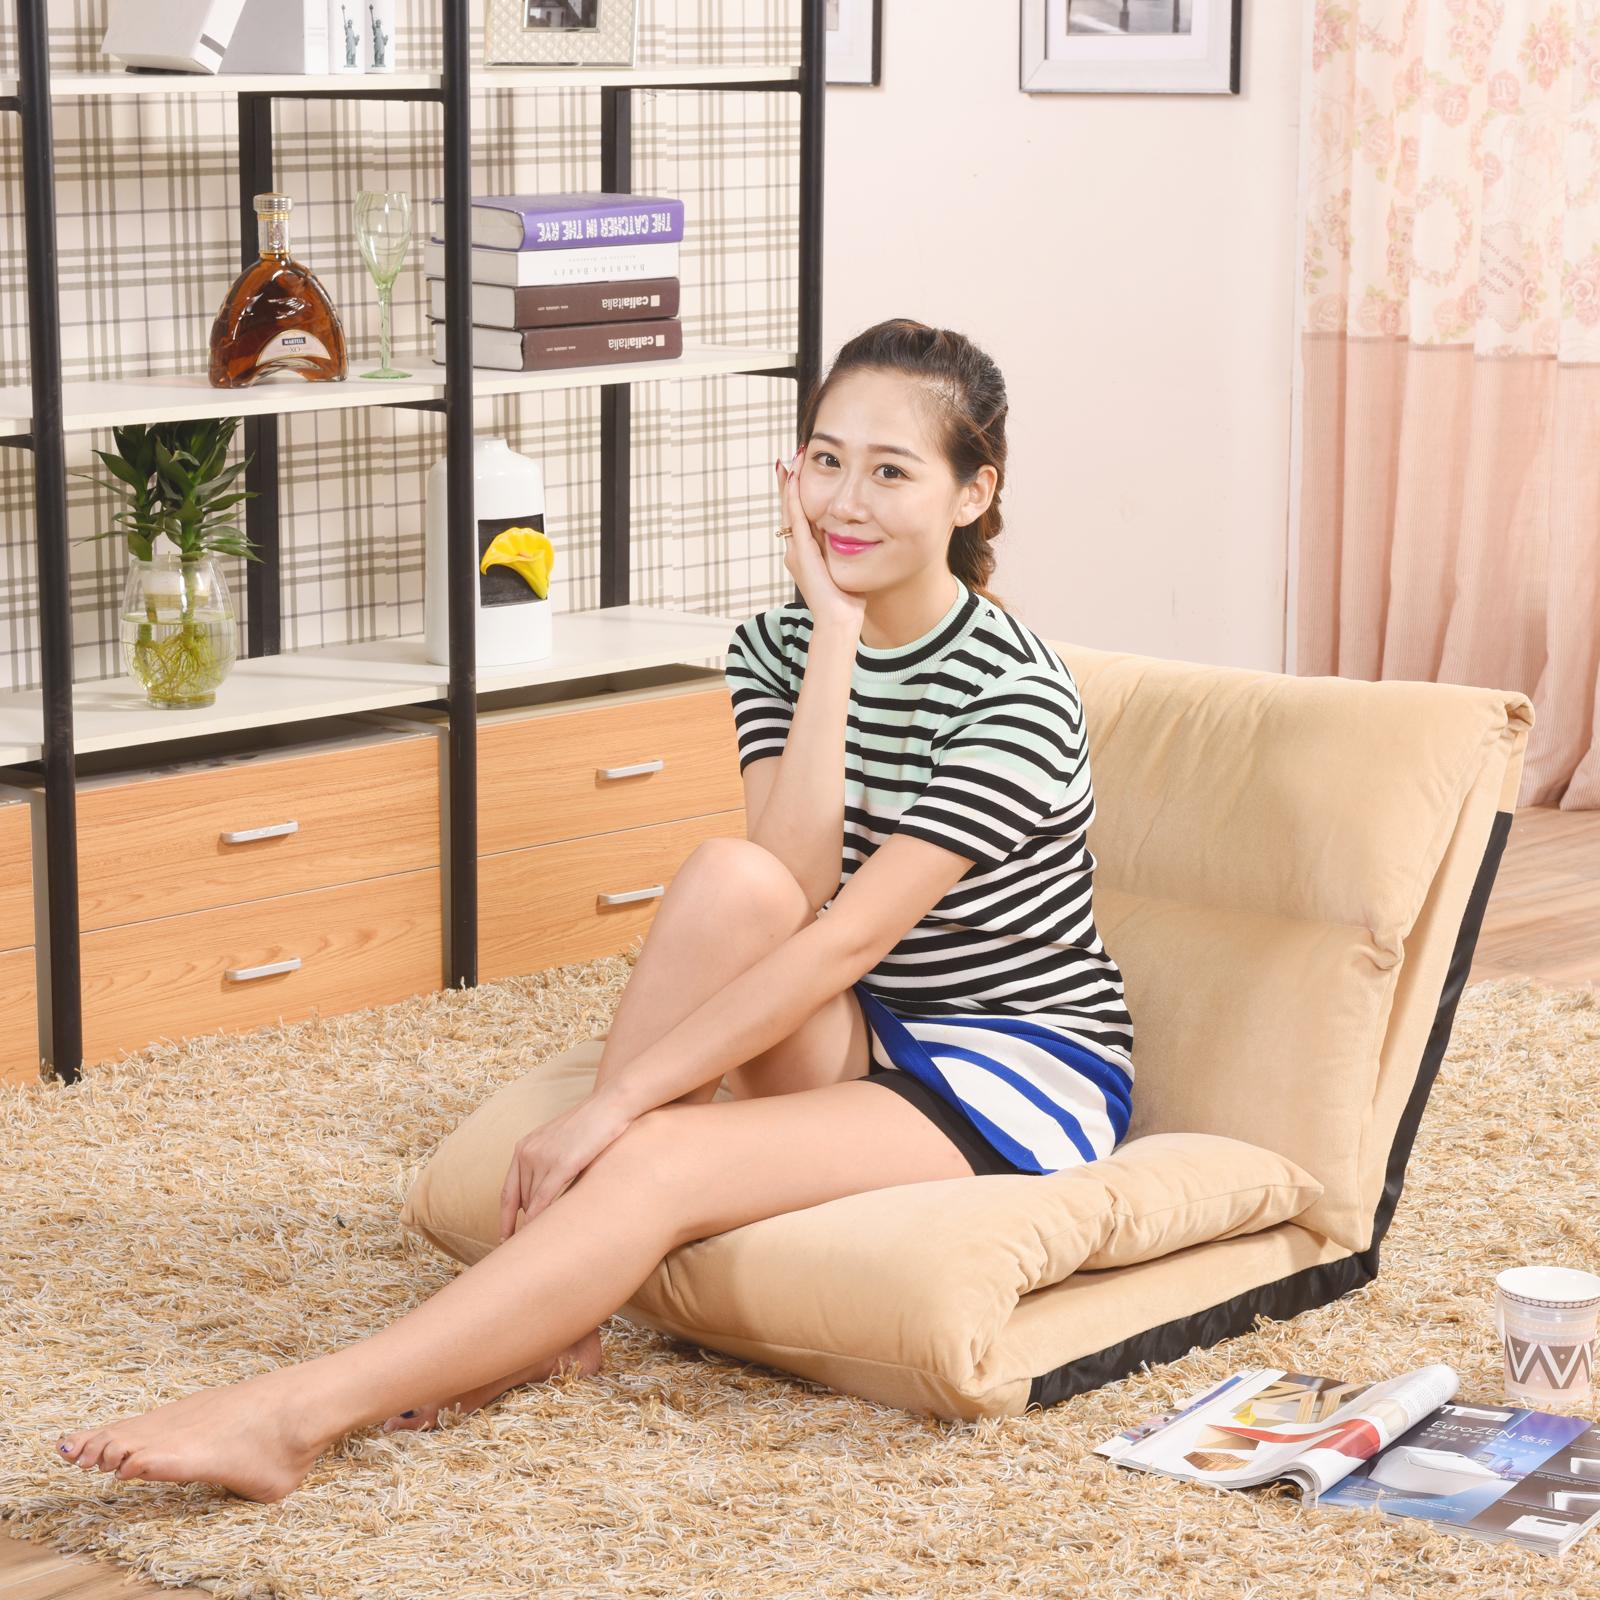 艾贝斯榻榻米折叠沙发床ABS-137